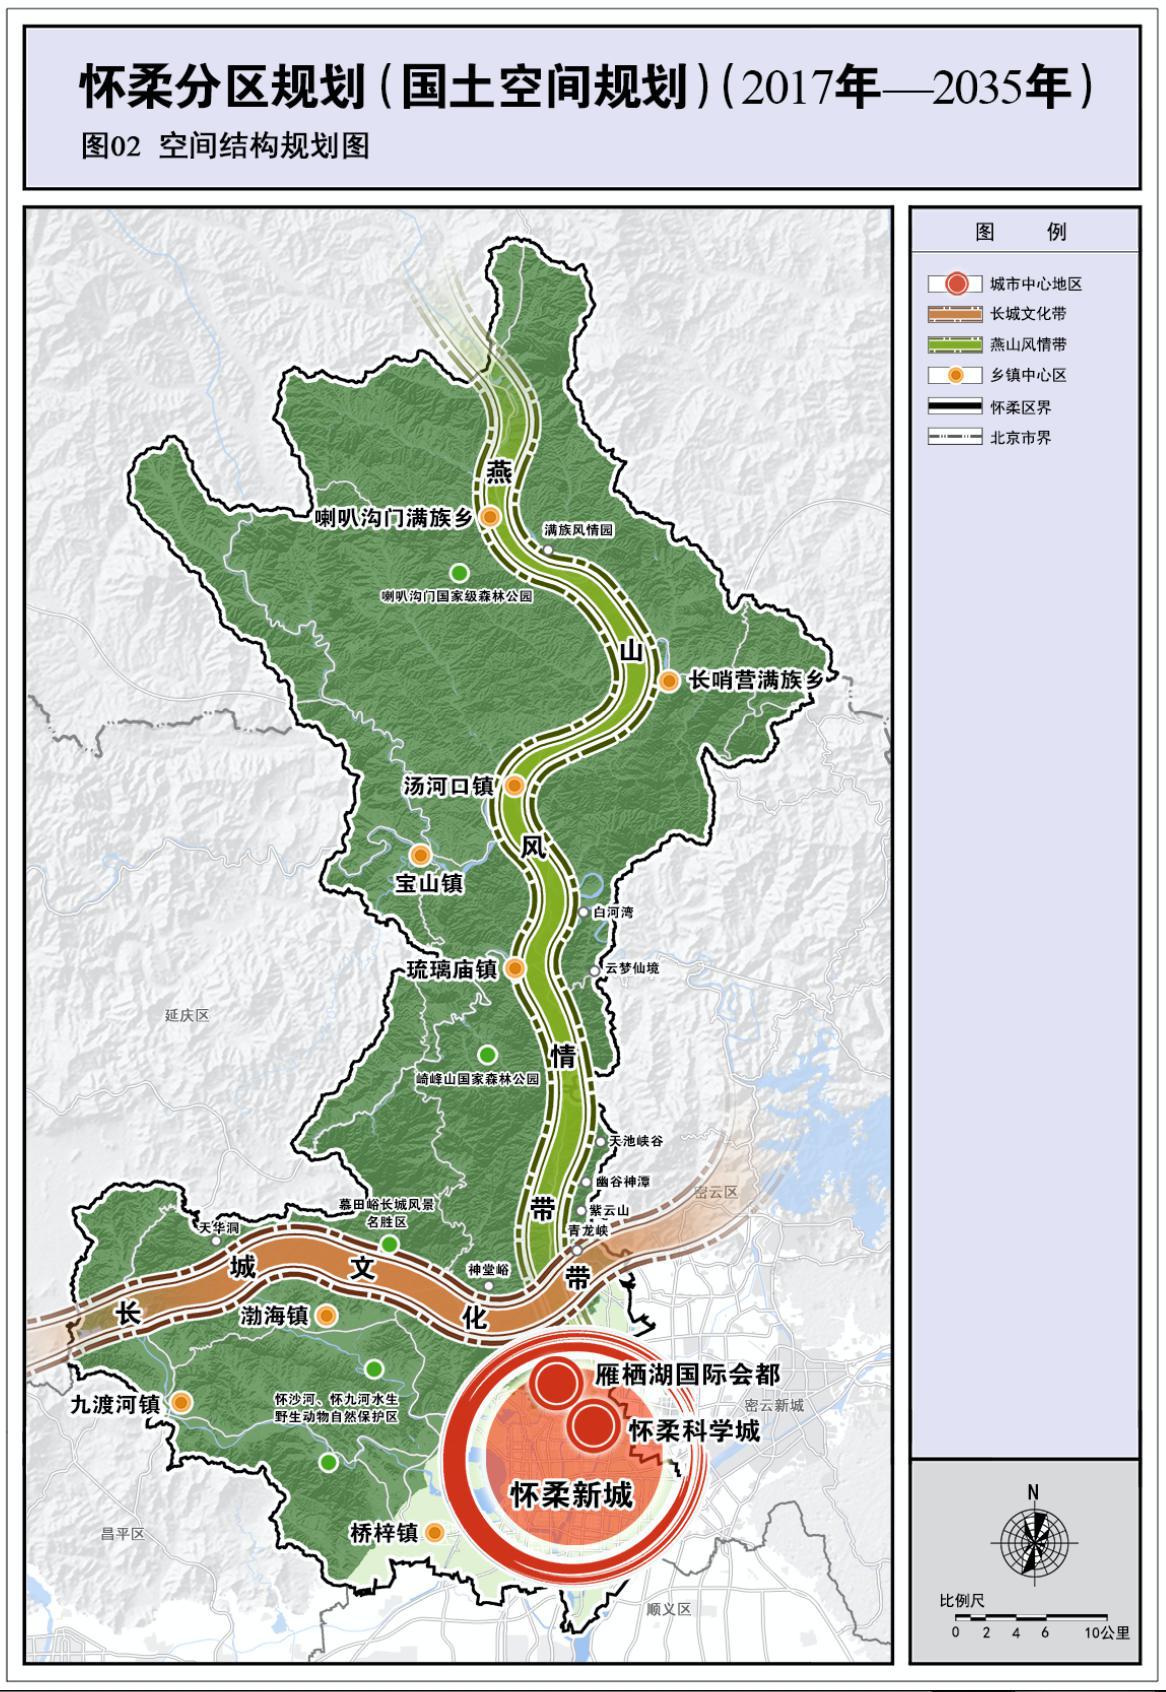 北京怀柔分区规划全文发布:构建长城文化带